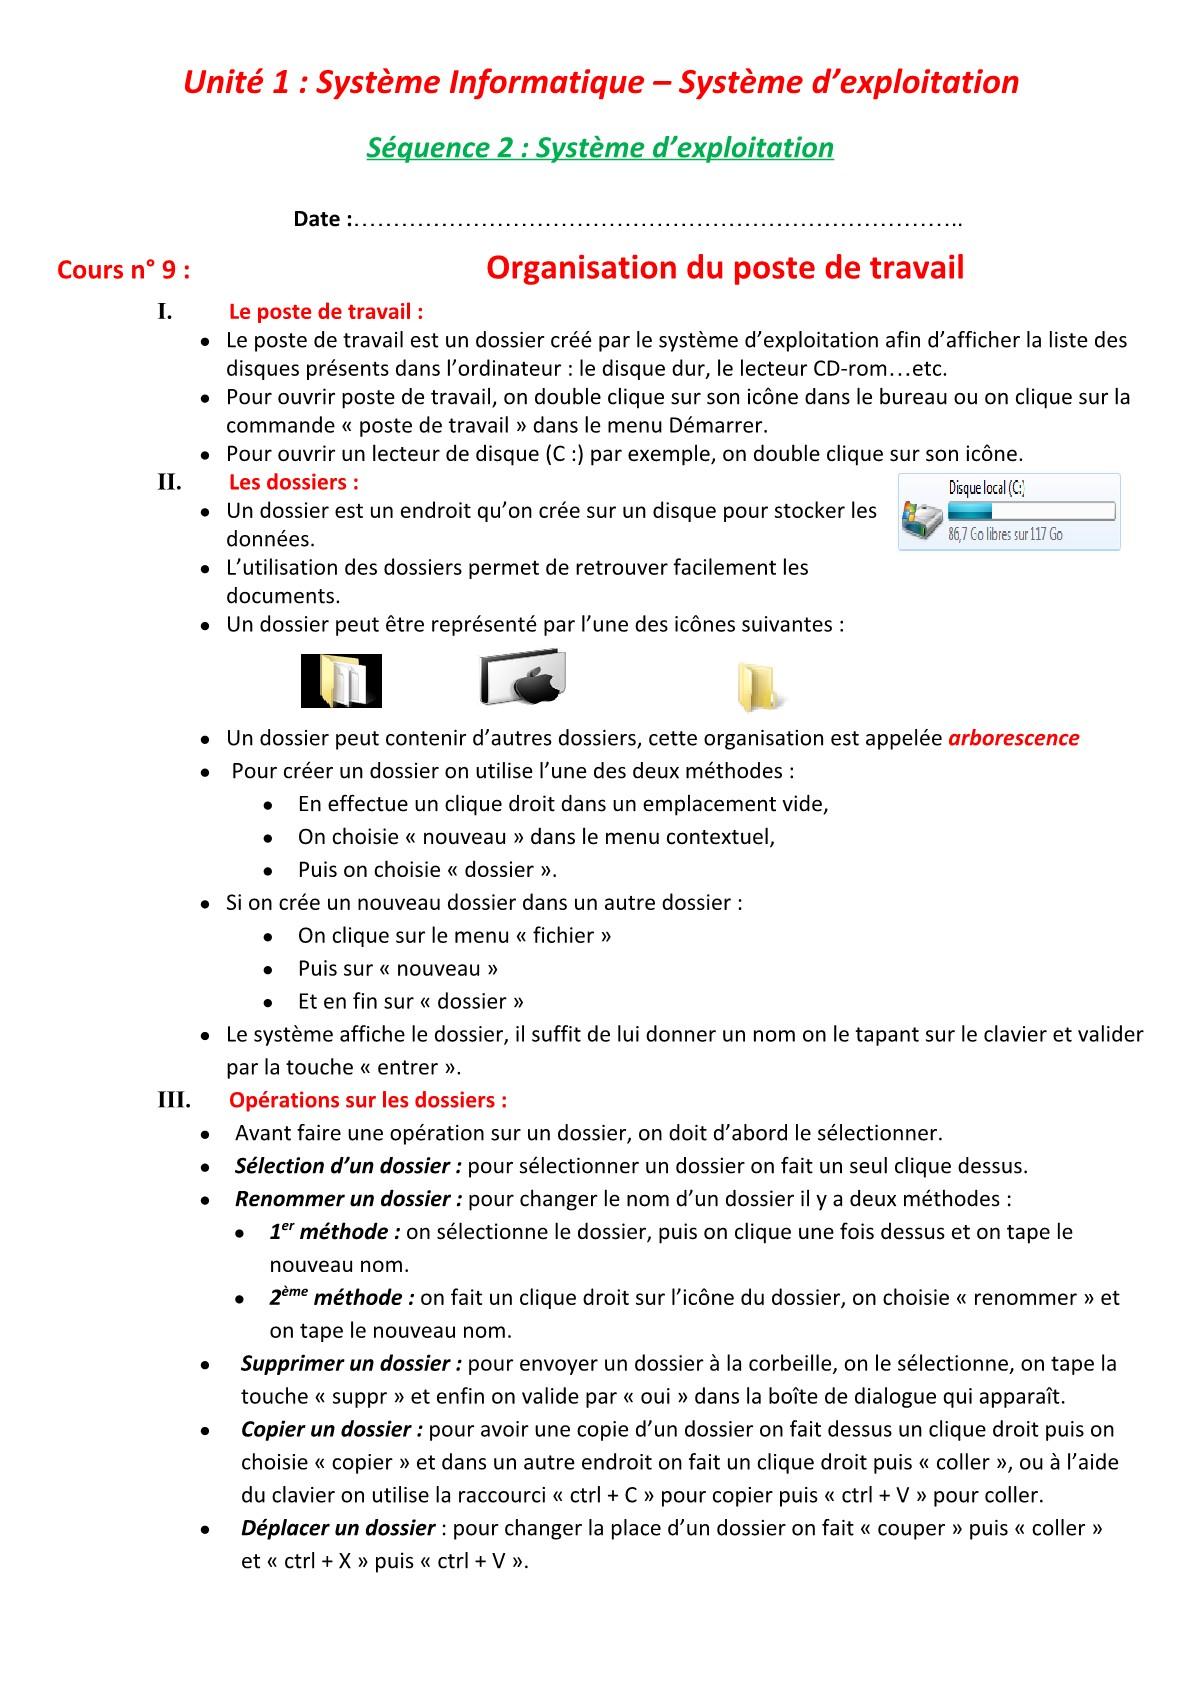 درس Organisation du poste de travail (Bureau) مادة المعلوميات للسنة الأولى إعدادي